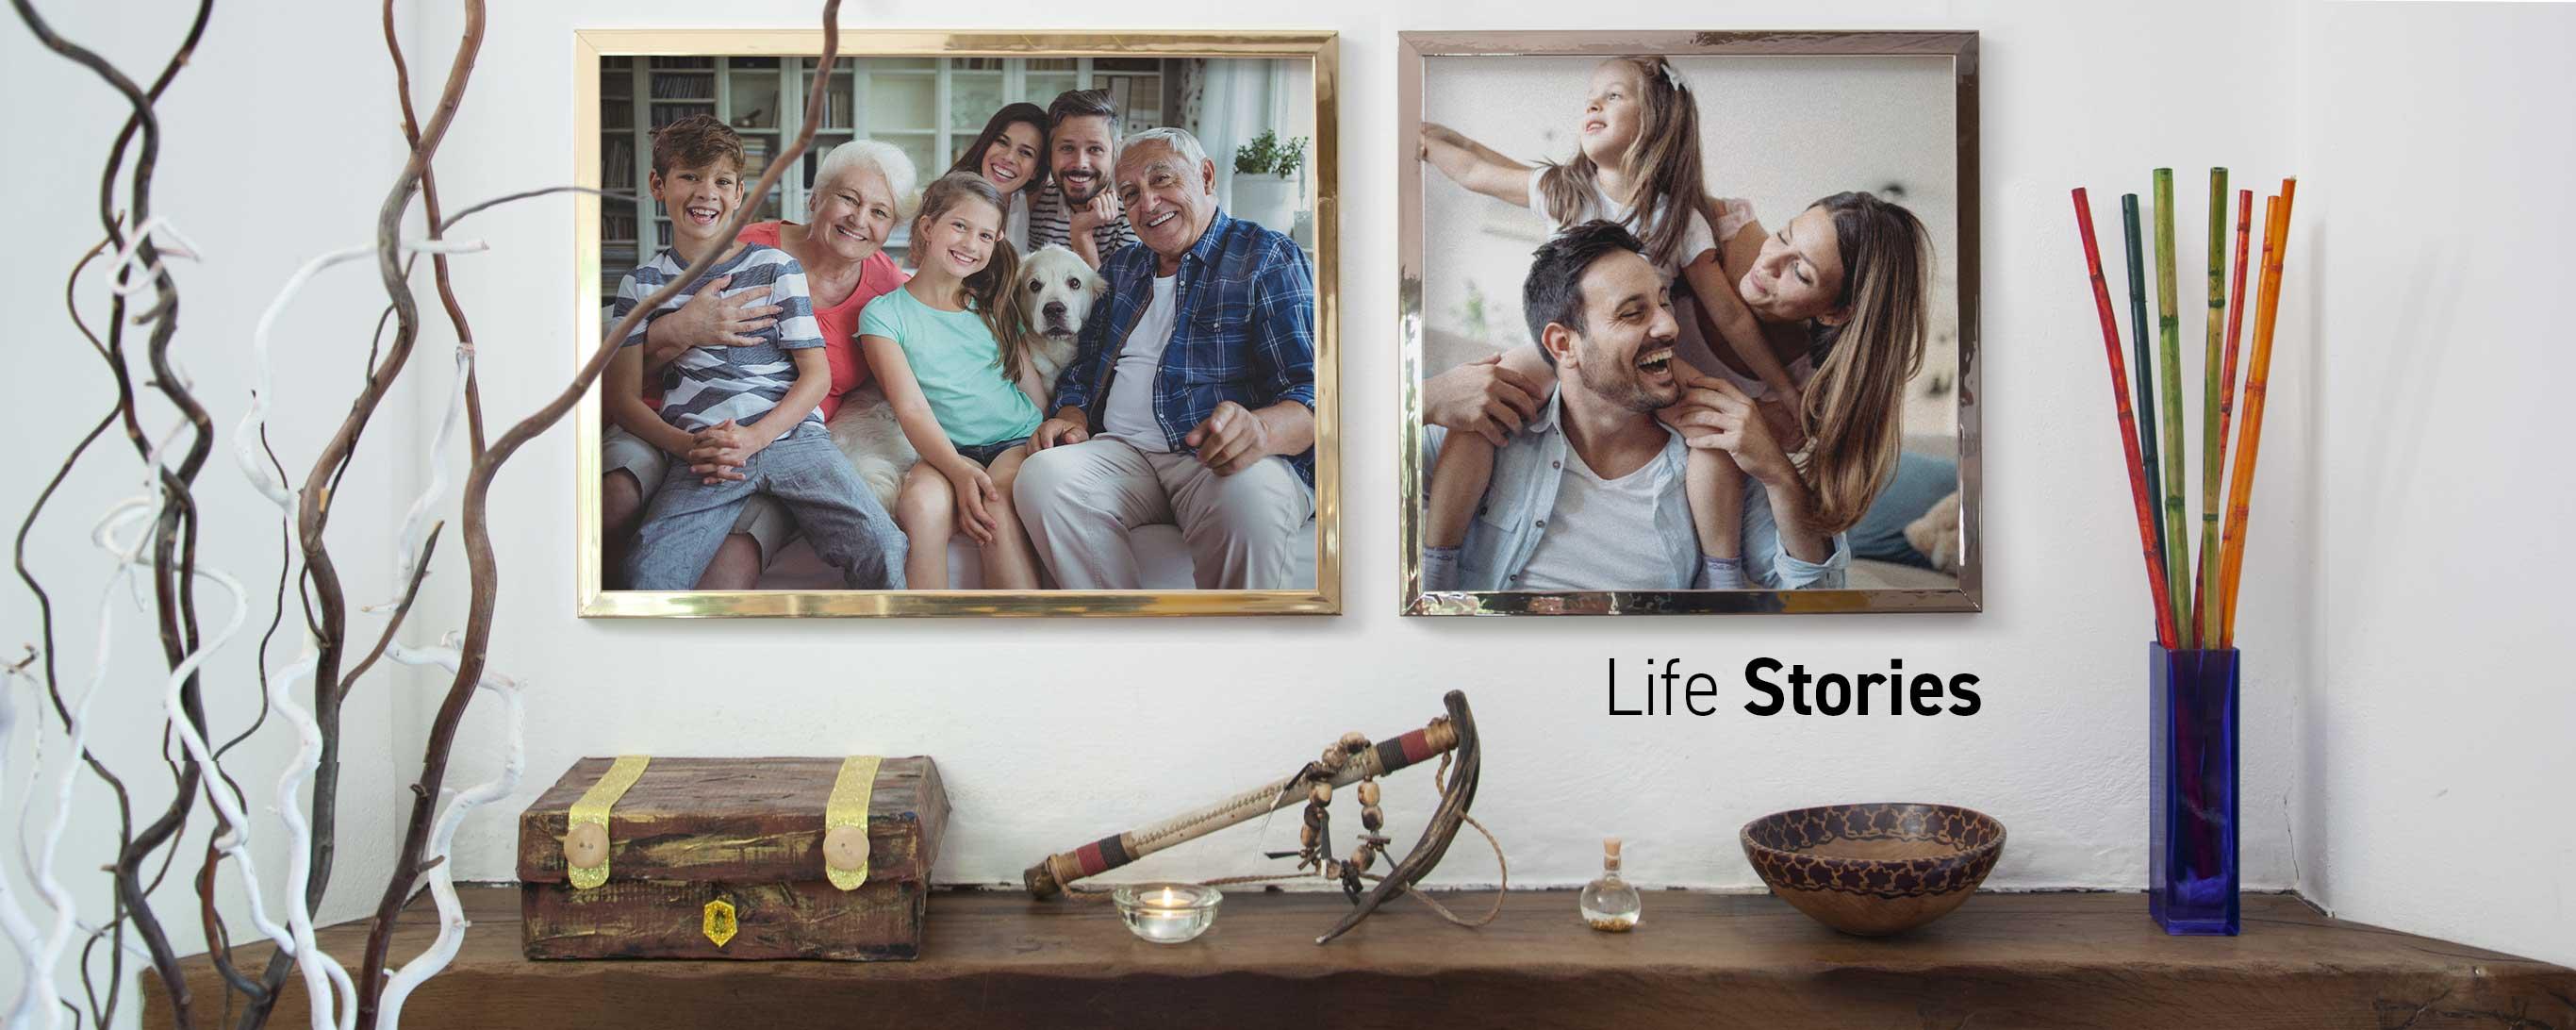 Bn_Life-Stories_02_ENG_ok